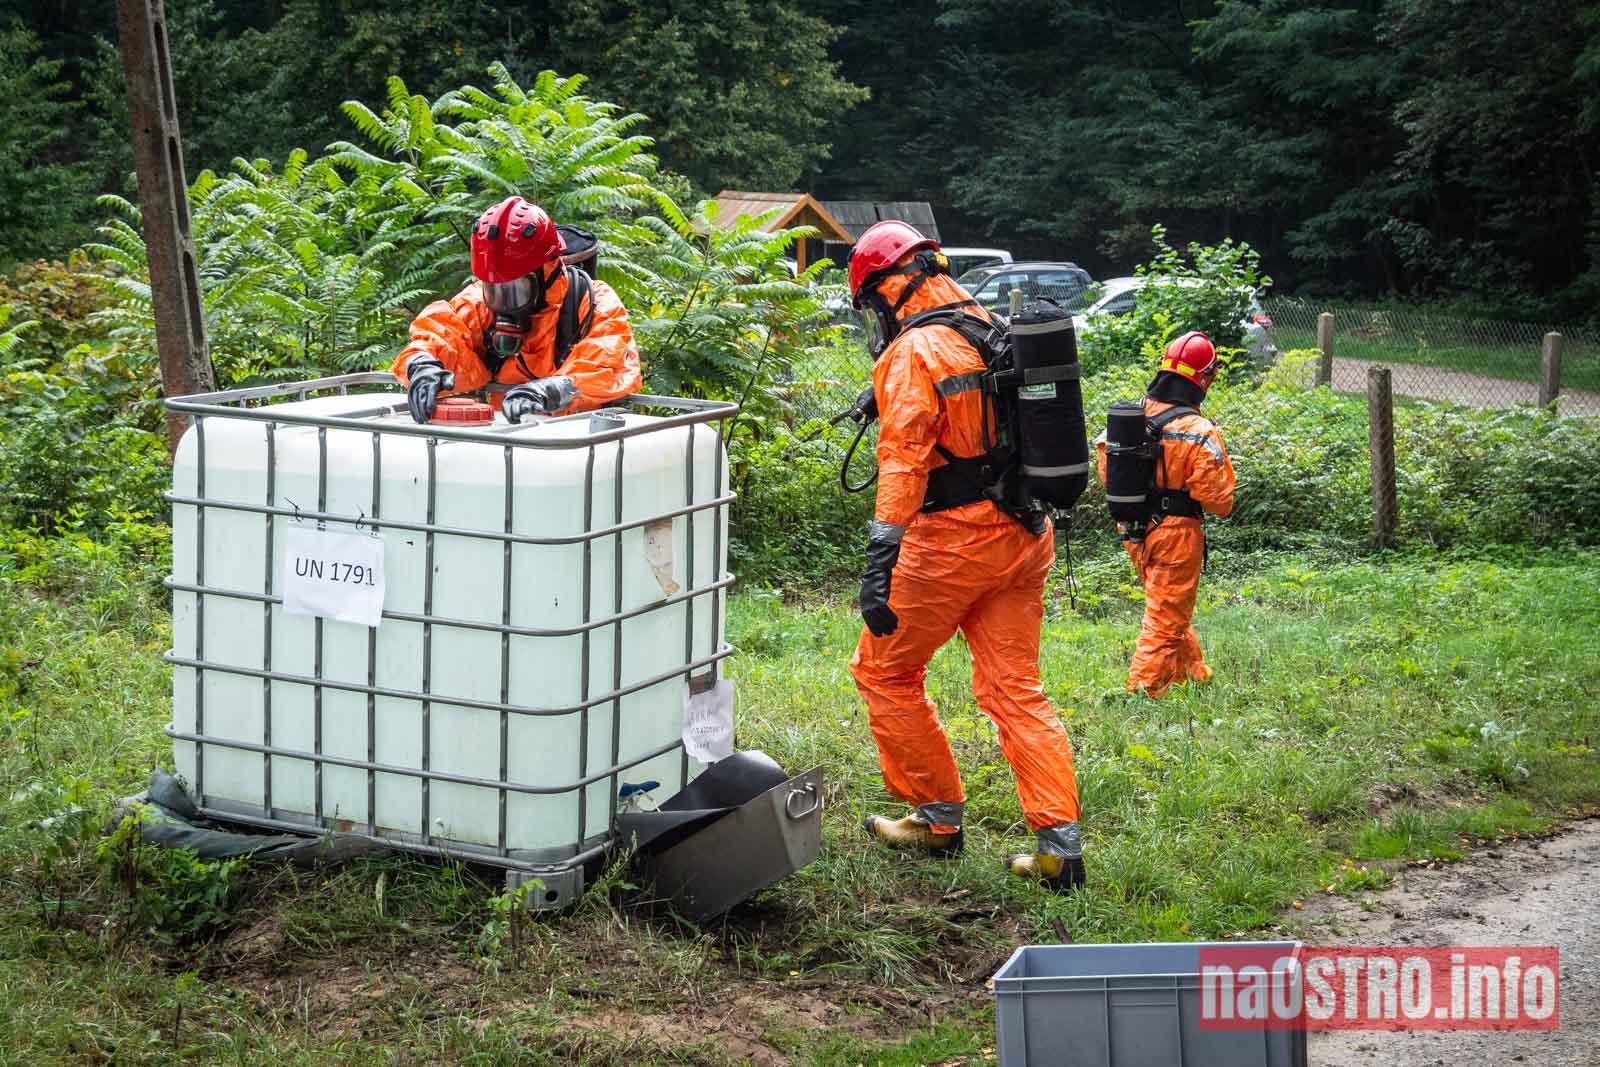 NaOSTROinfo Ćwiczenia Straży Pożarnej-57